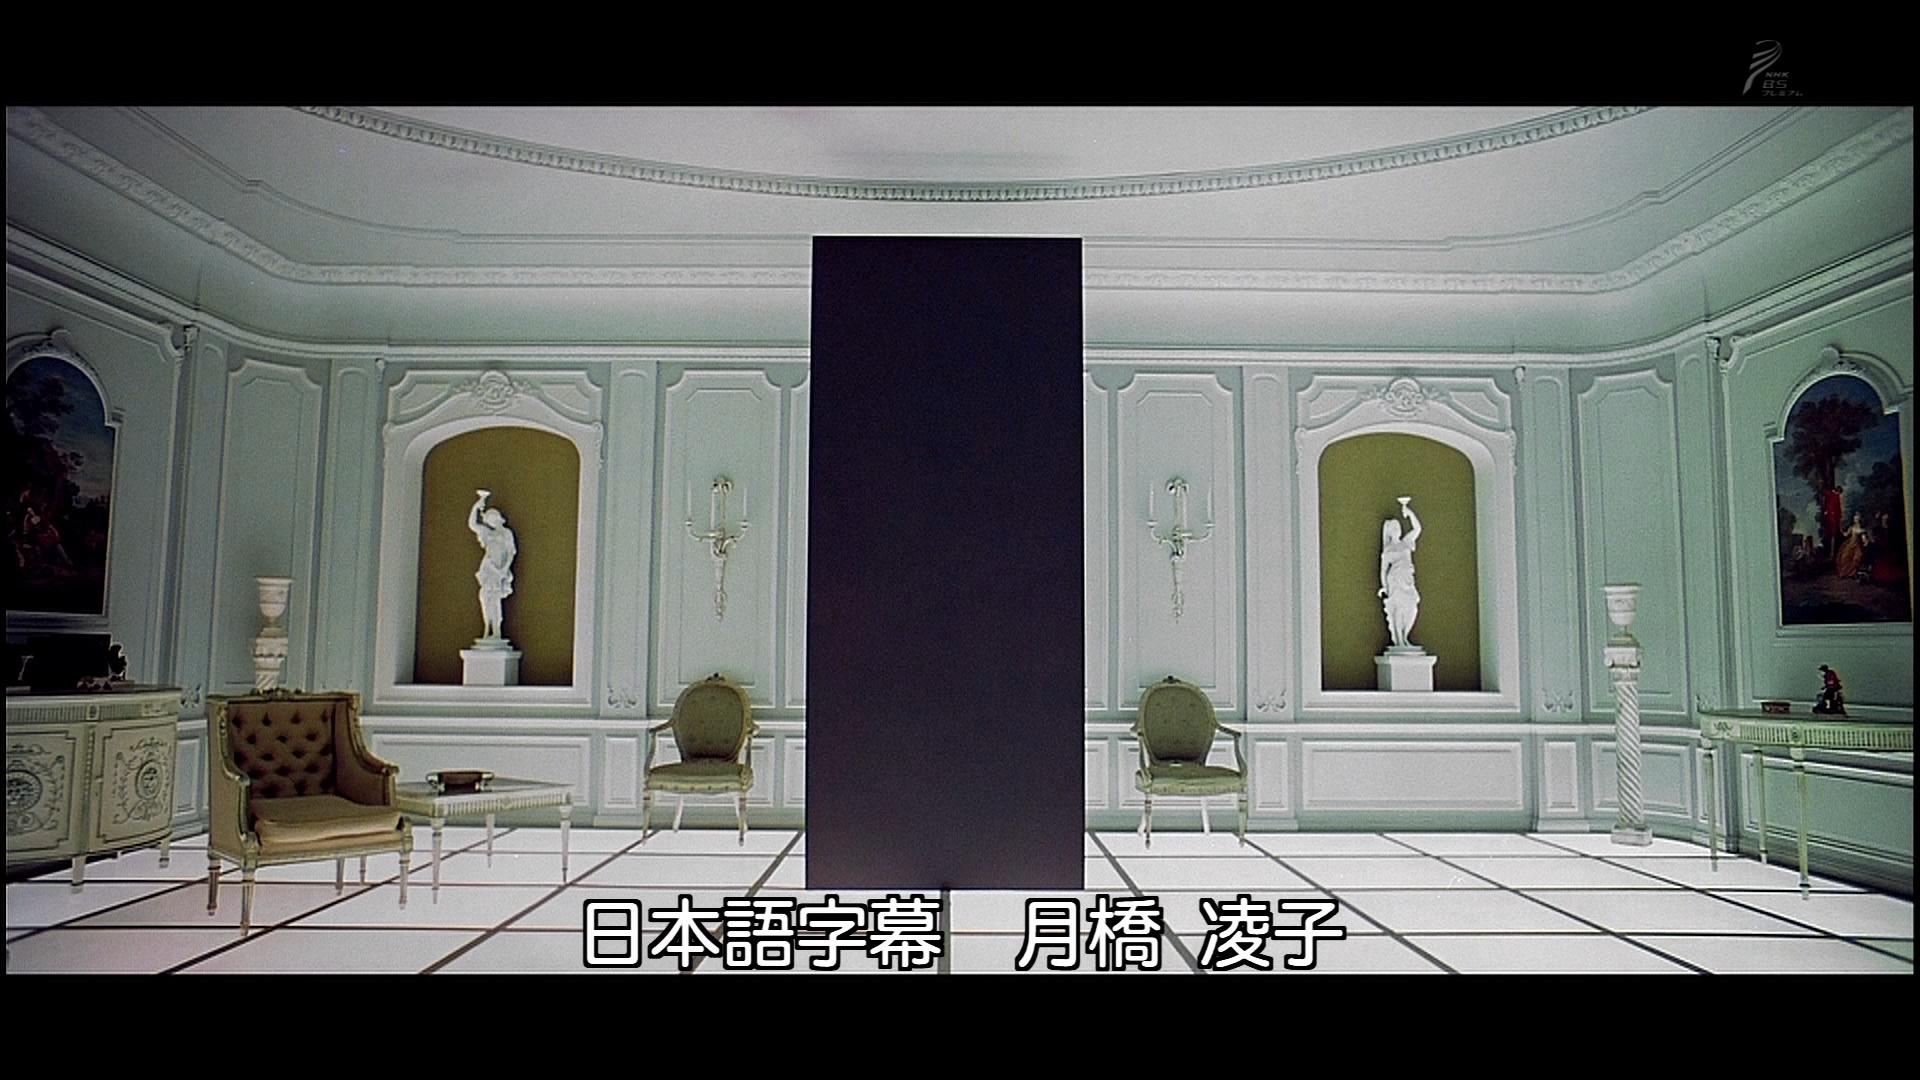 『2001年宇宙の旅』BSプレミアム版は別の翻訳家